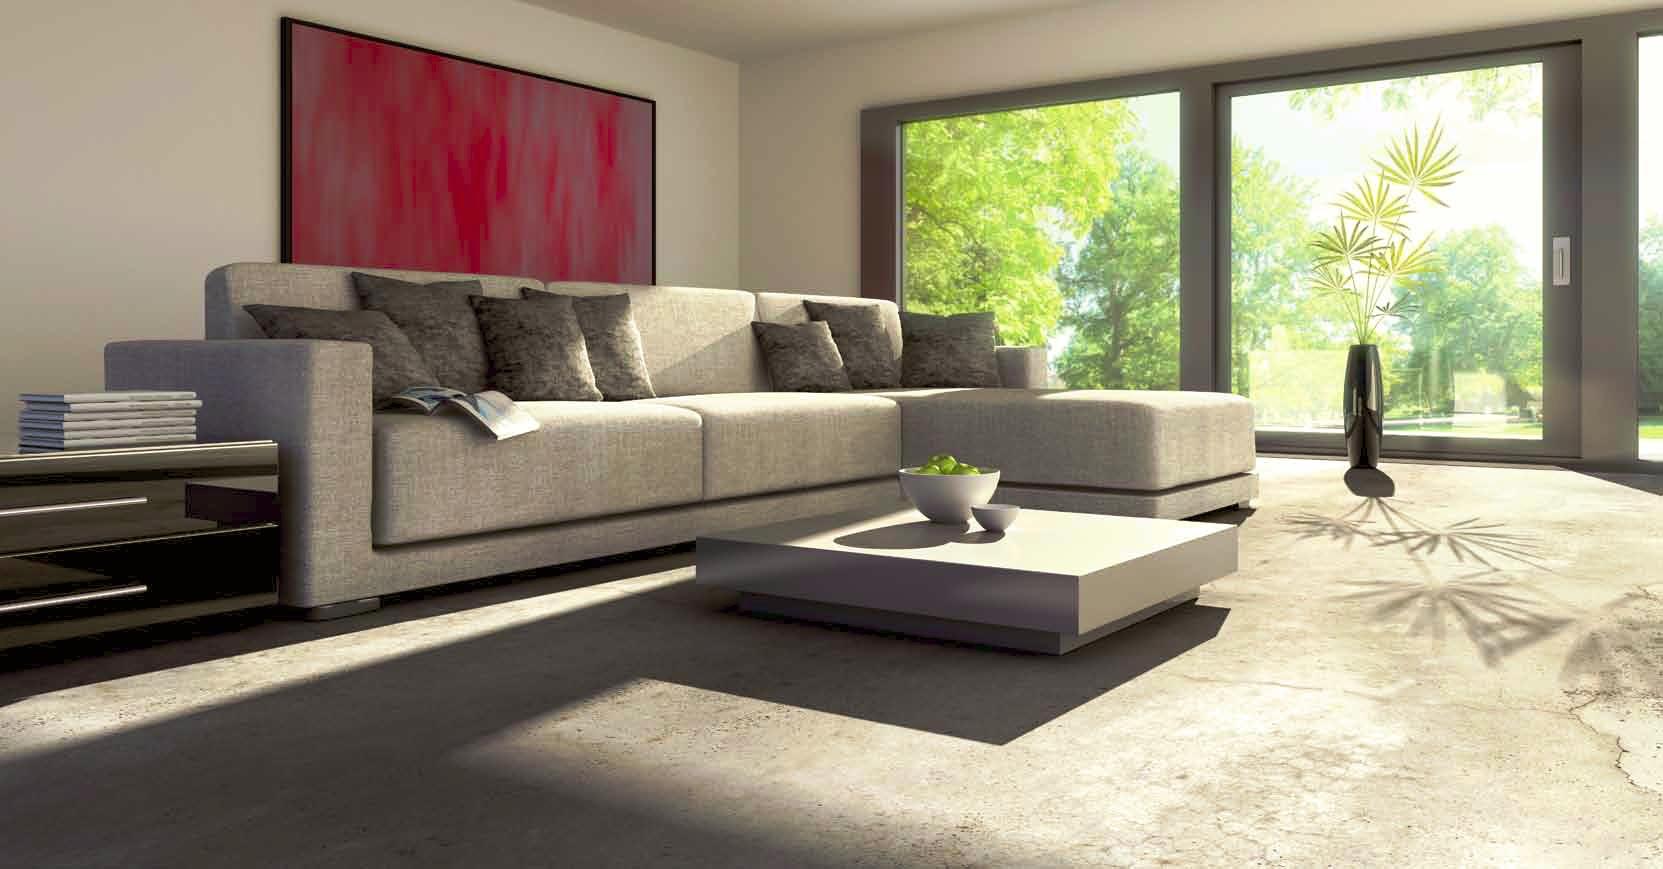 Pavimento In Resina Foto pavimento in resina per la zona living - elekta resine